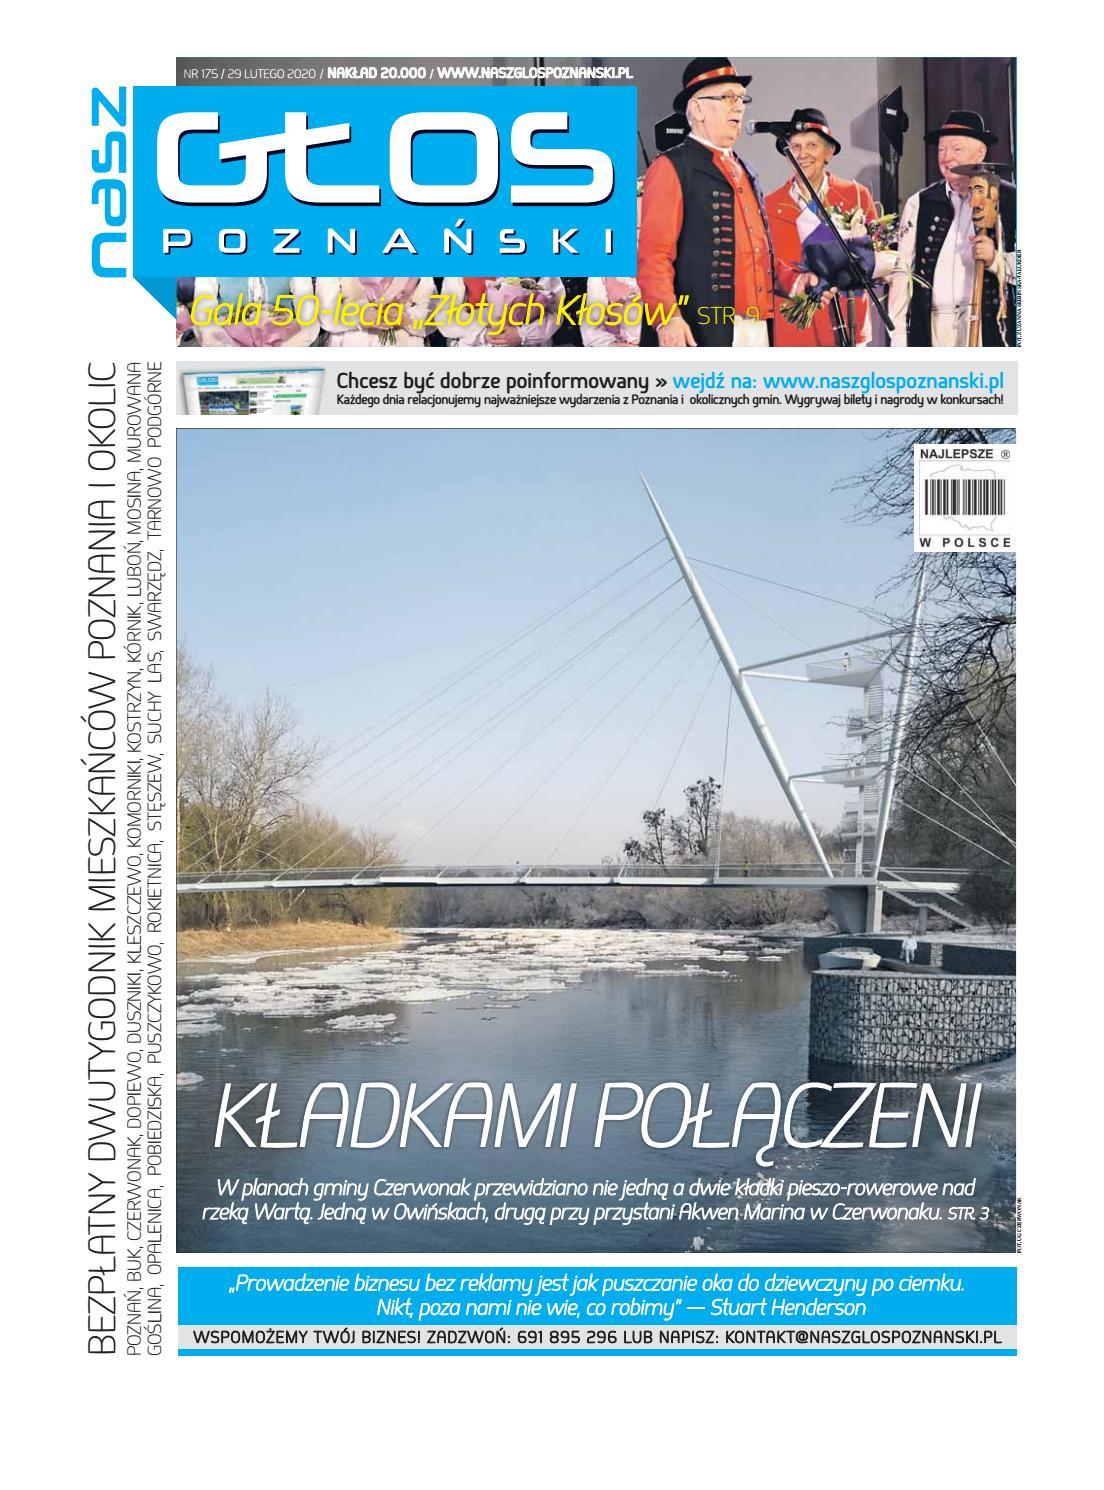 Sylwester 2019/2020 w Poznaniu: Spd sylwestrow noc w